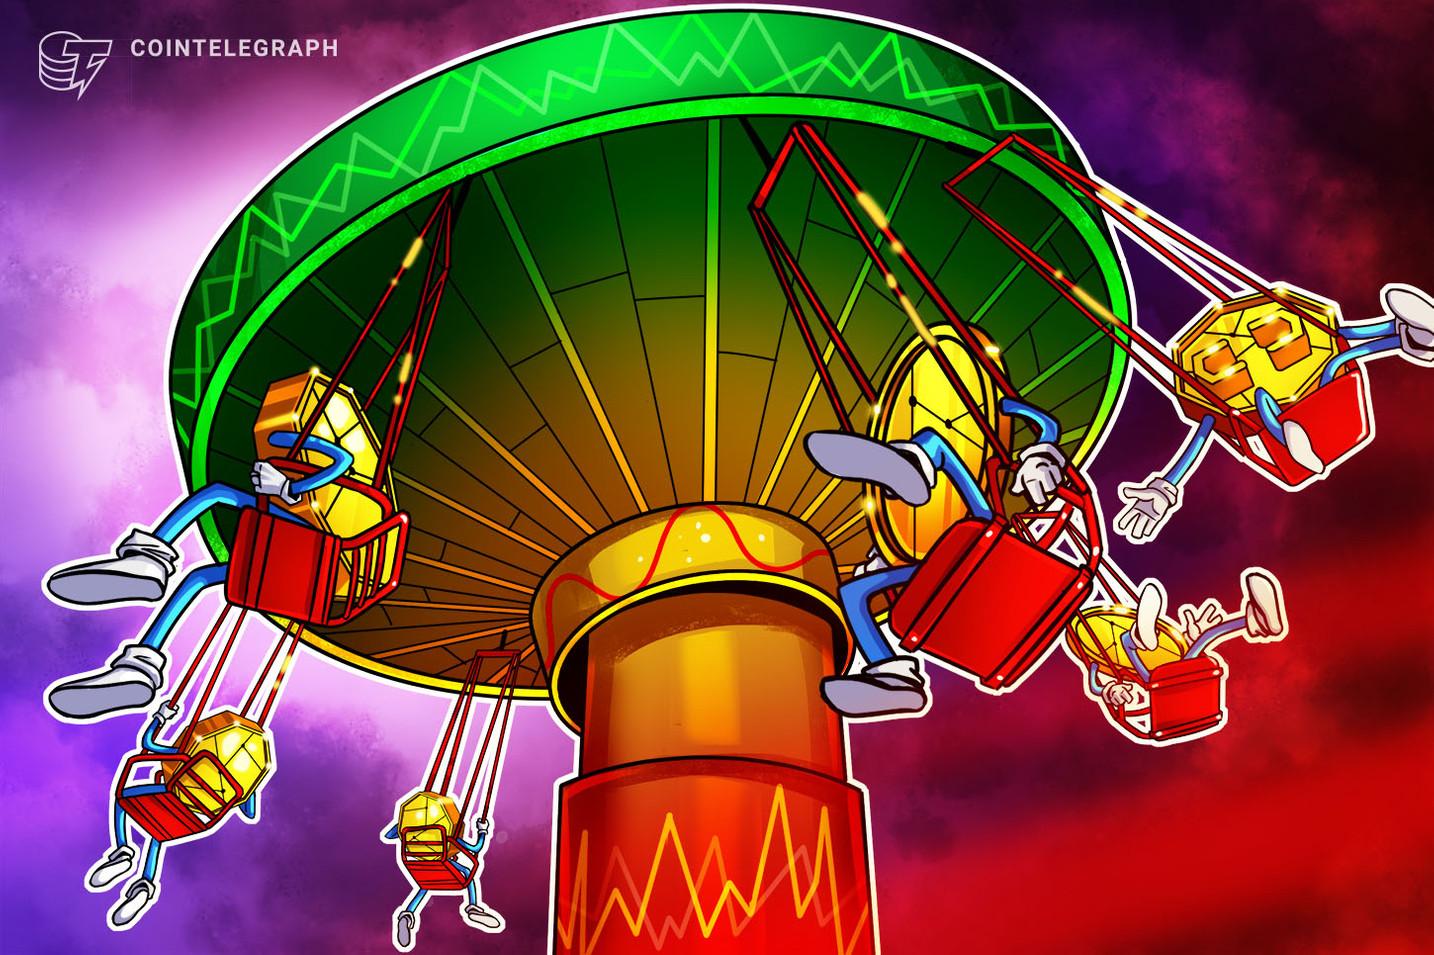 Šeit ir 2 veidi, kā gudri pro tirgotāji pamanīs kriptogrāfijas un akciju cenu maiņu